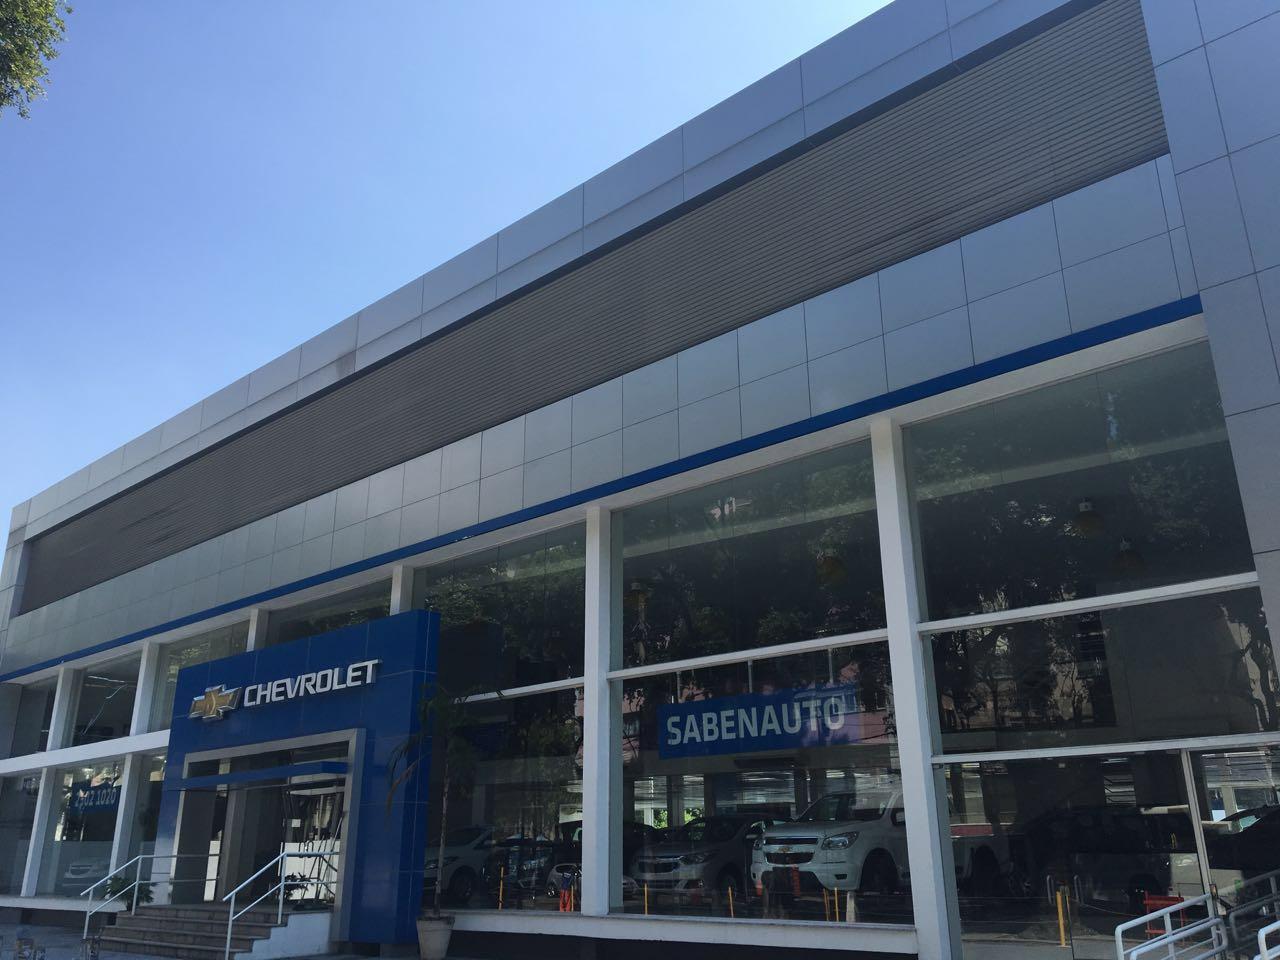 Fachada concessionária Chevrolet Sabenauto RJ